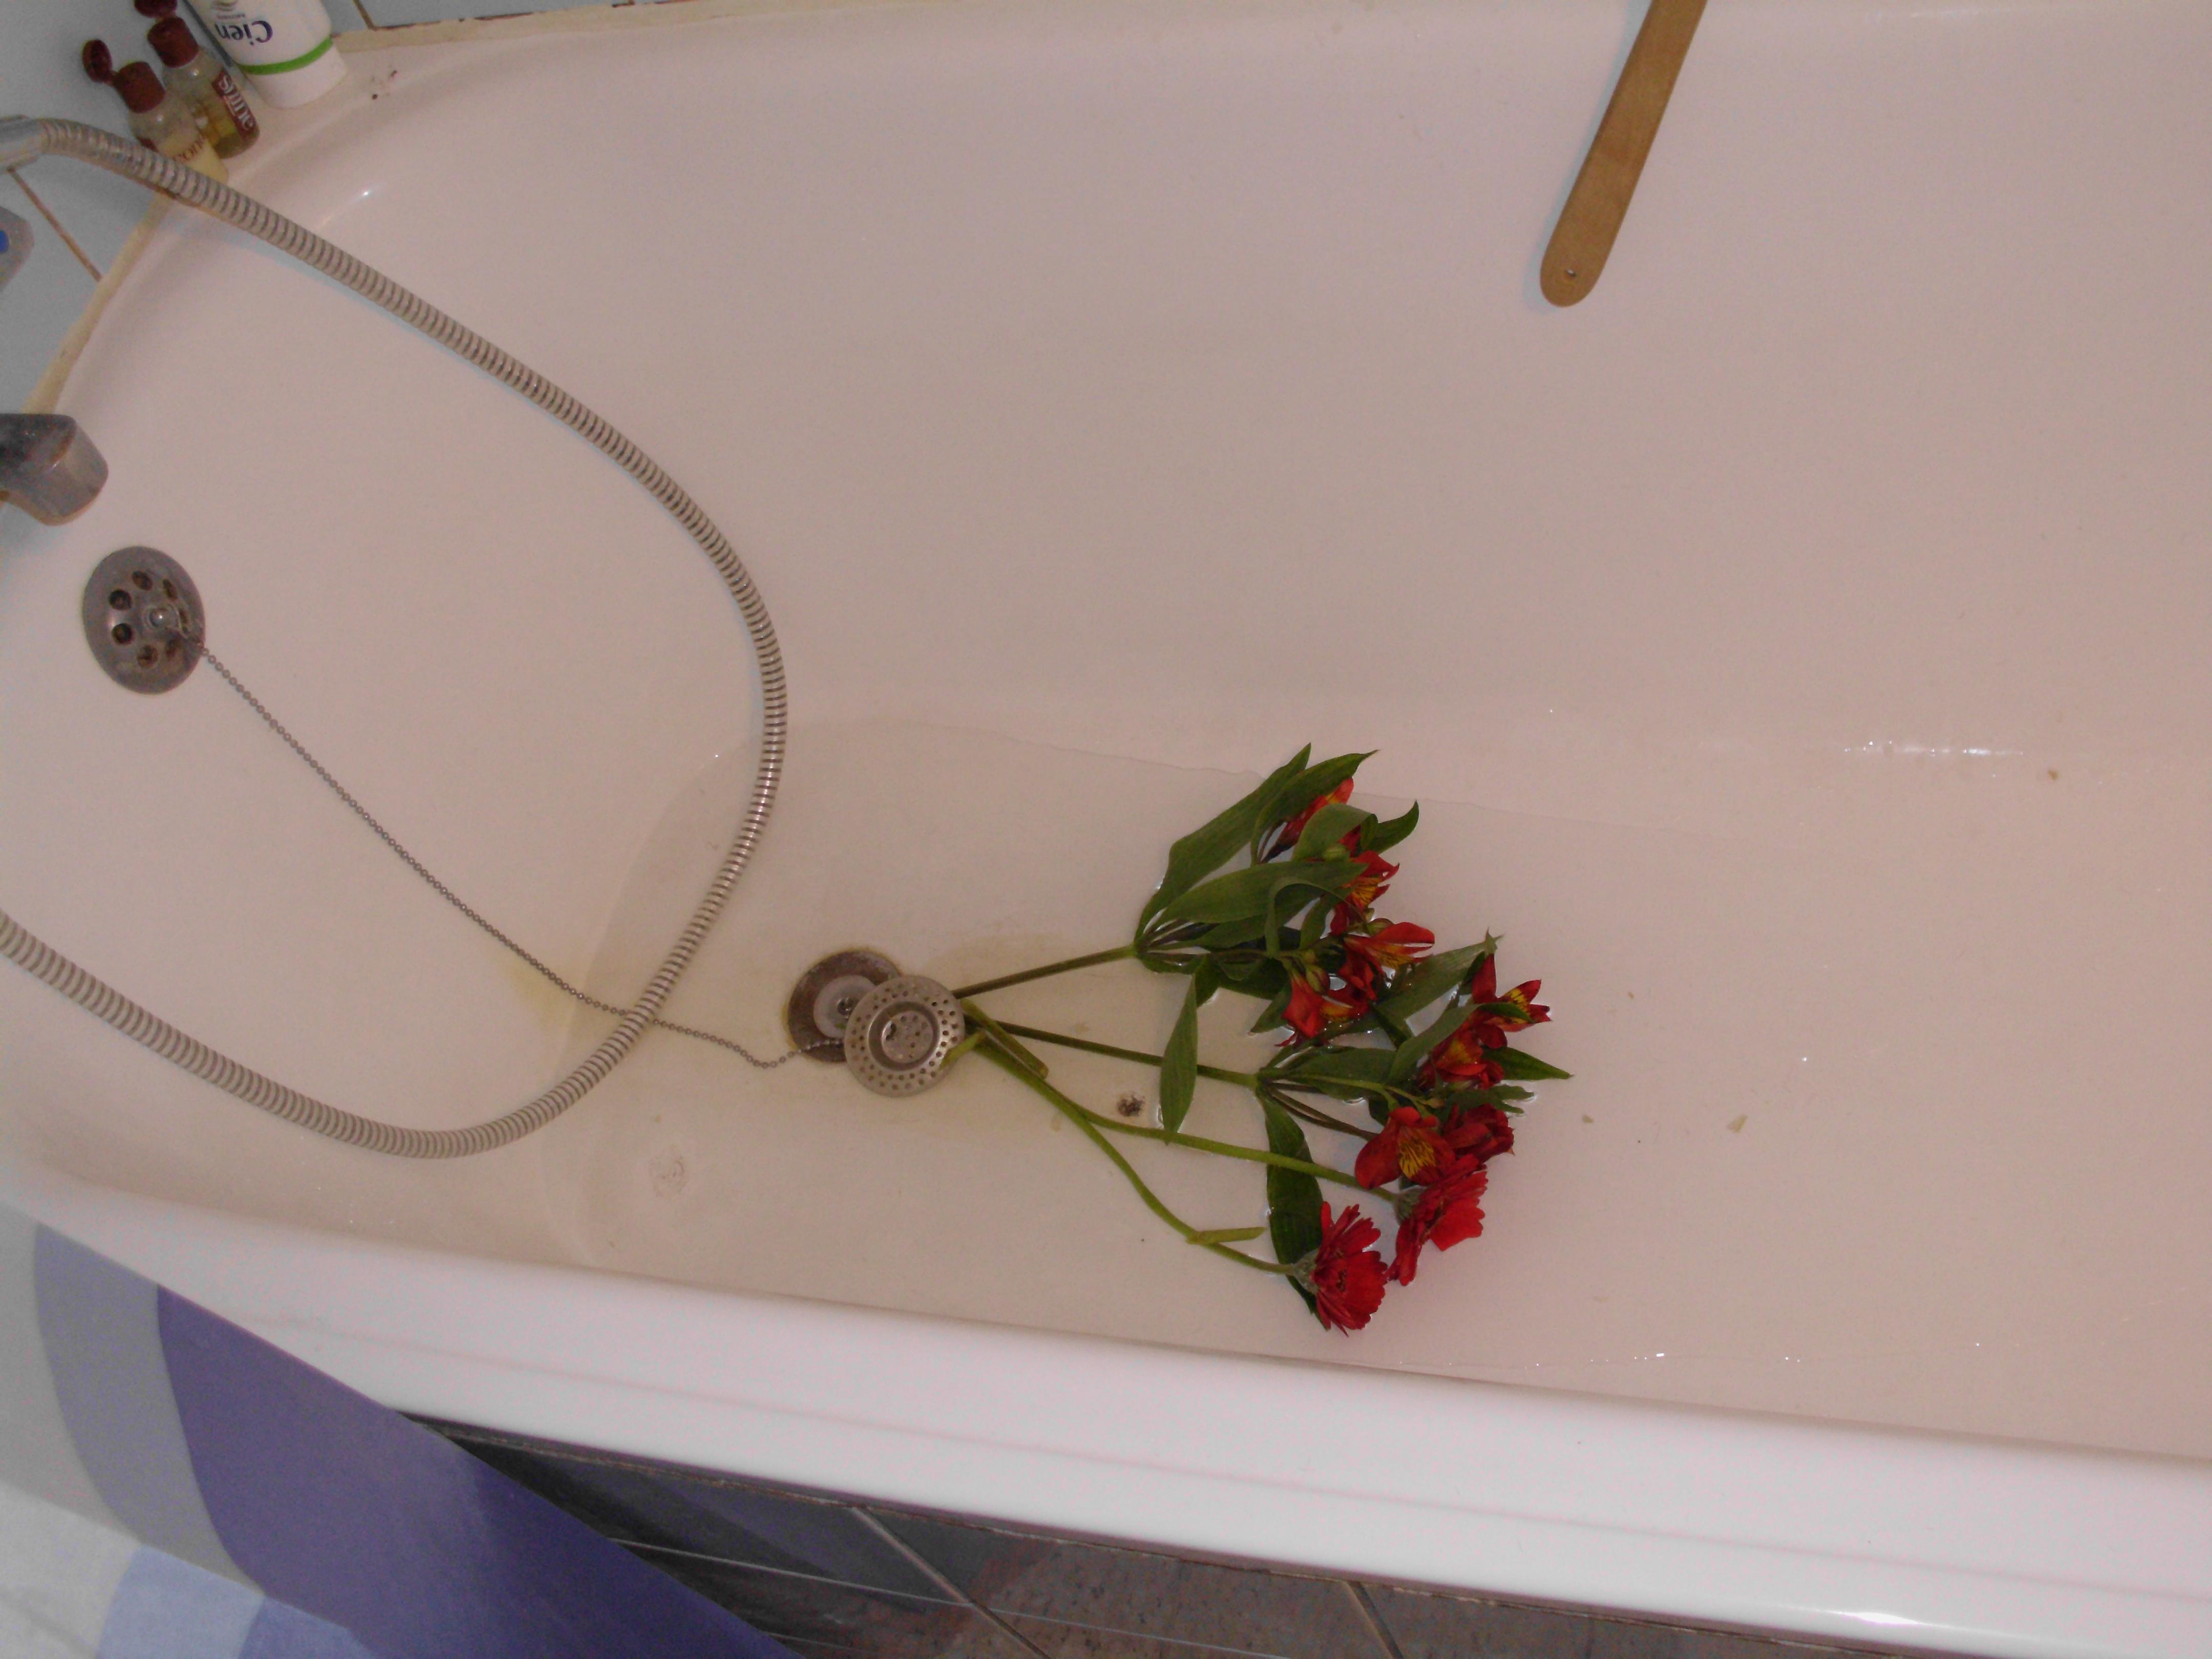 Saving Flowers